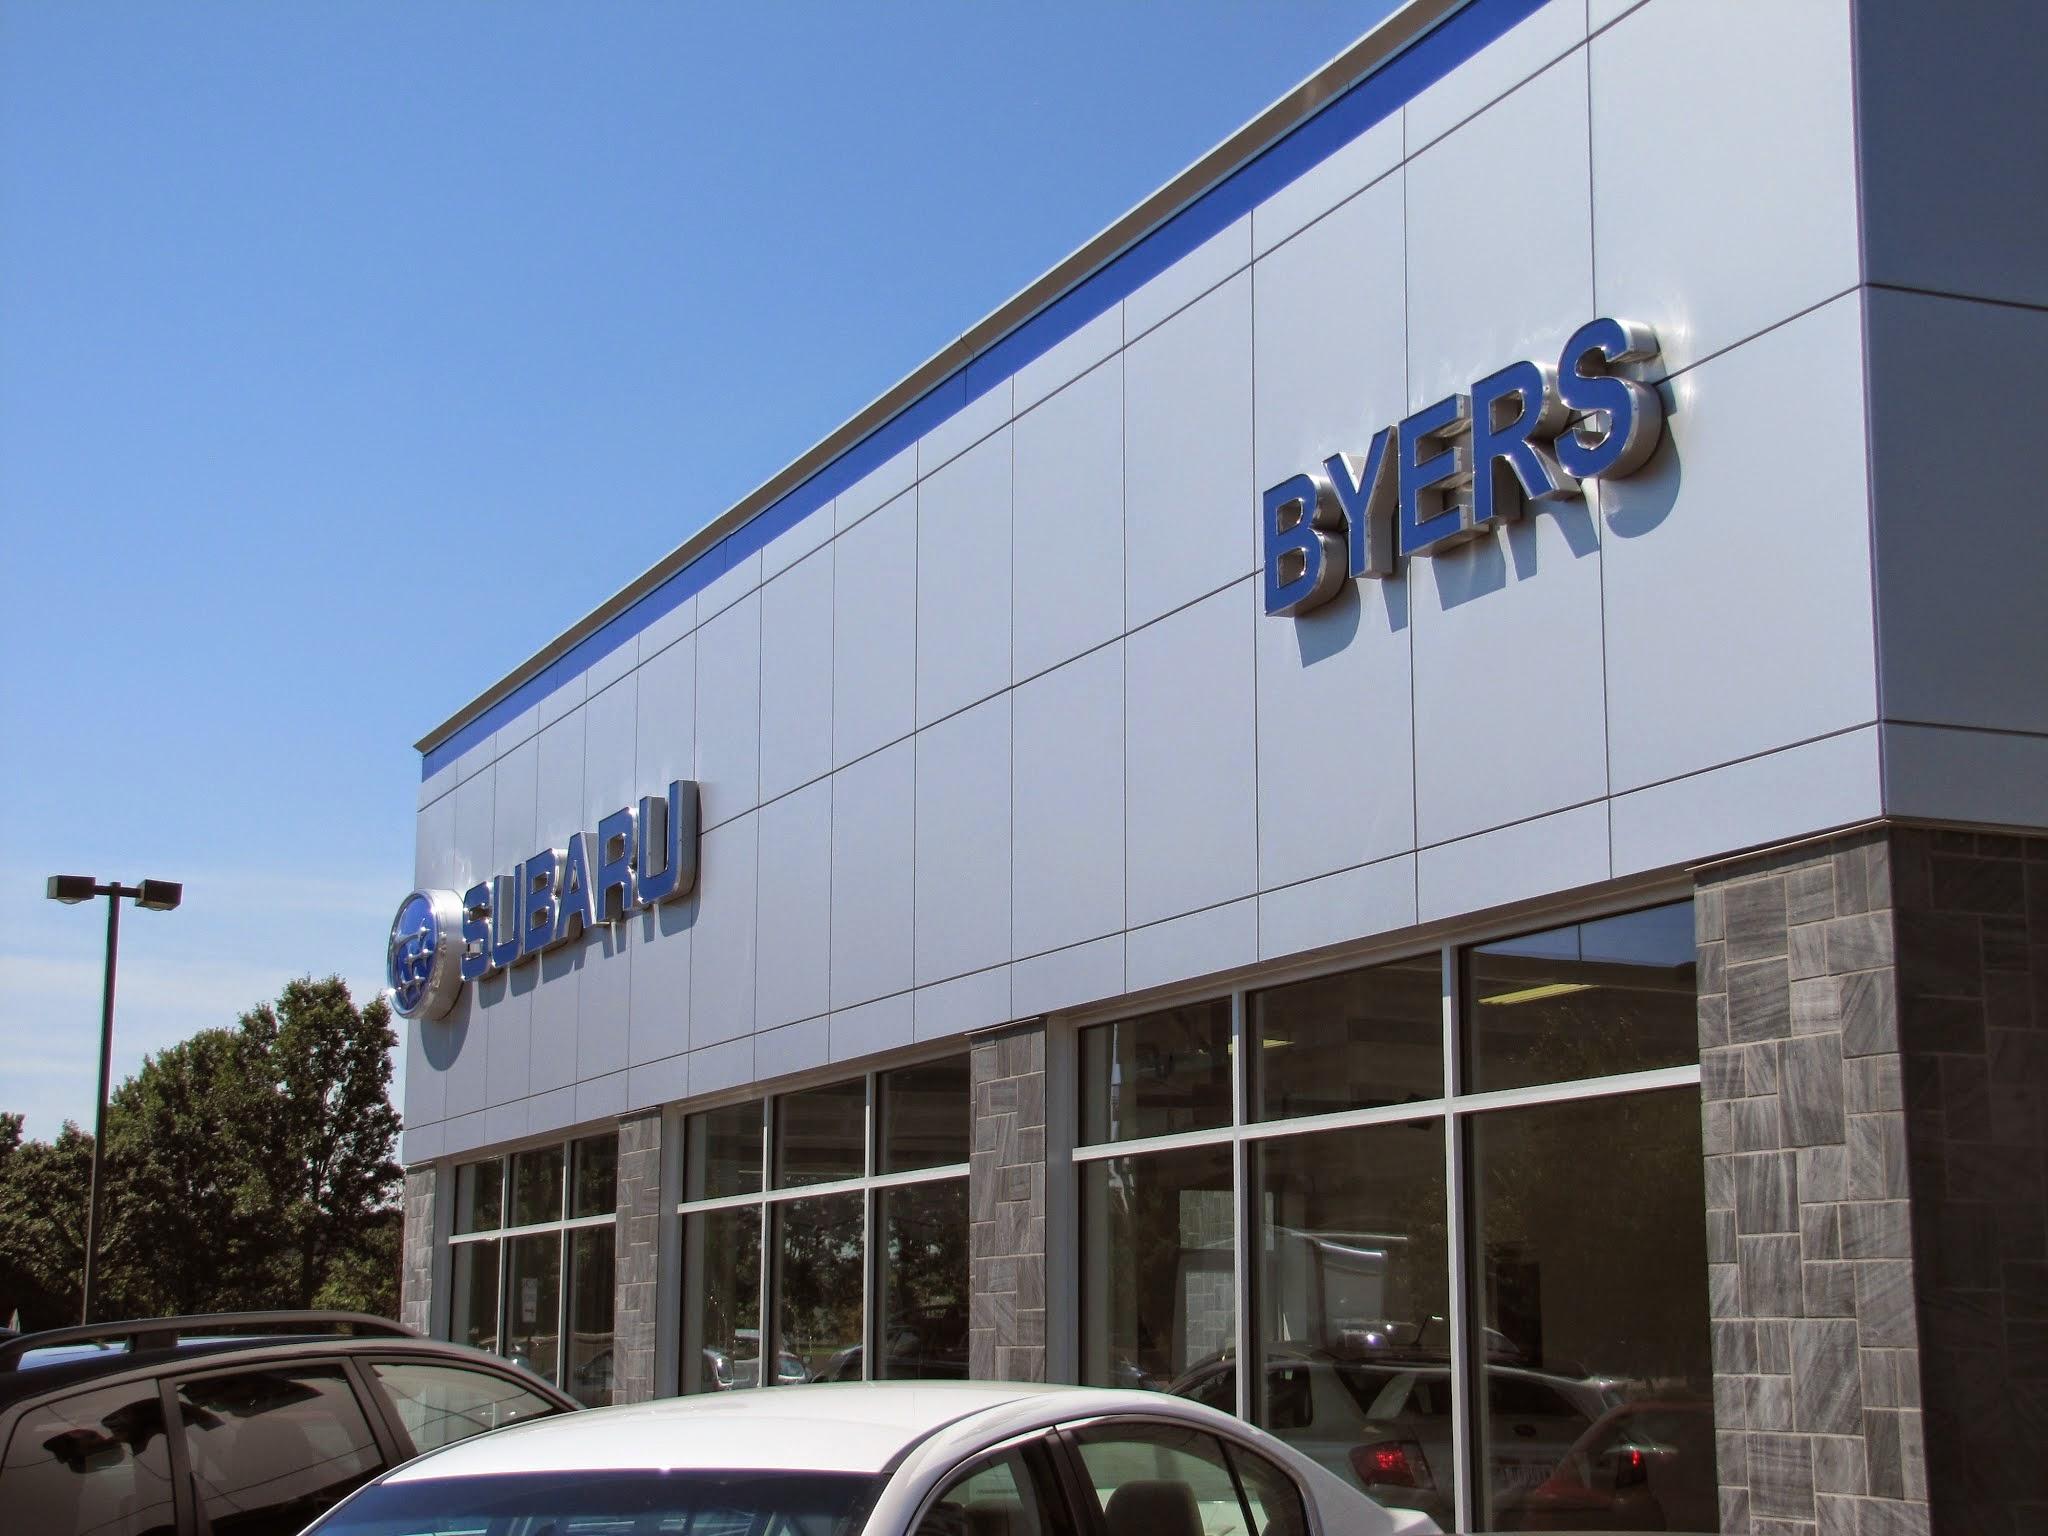 Byers Subaru Dublin